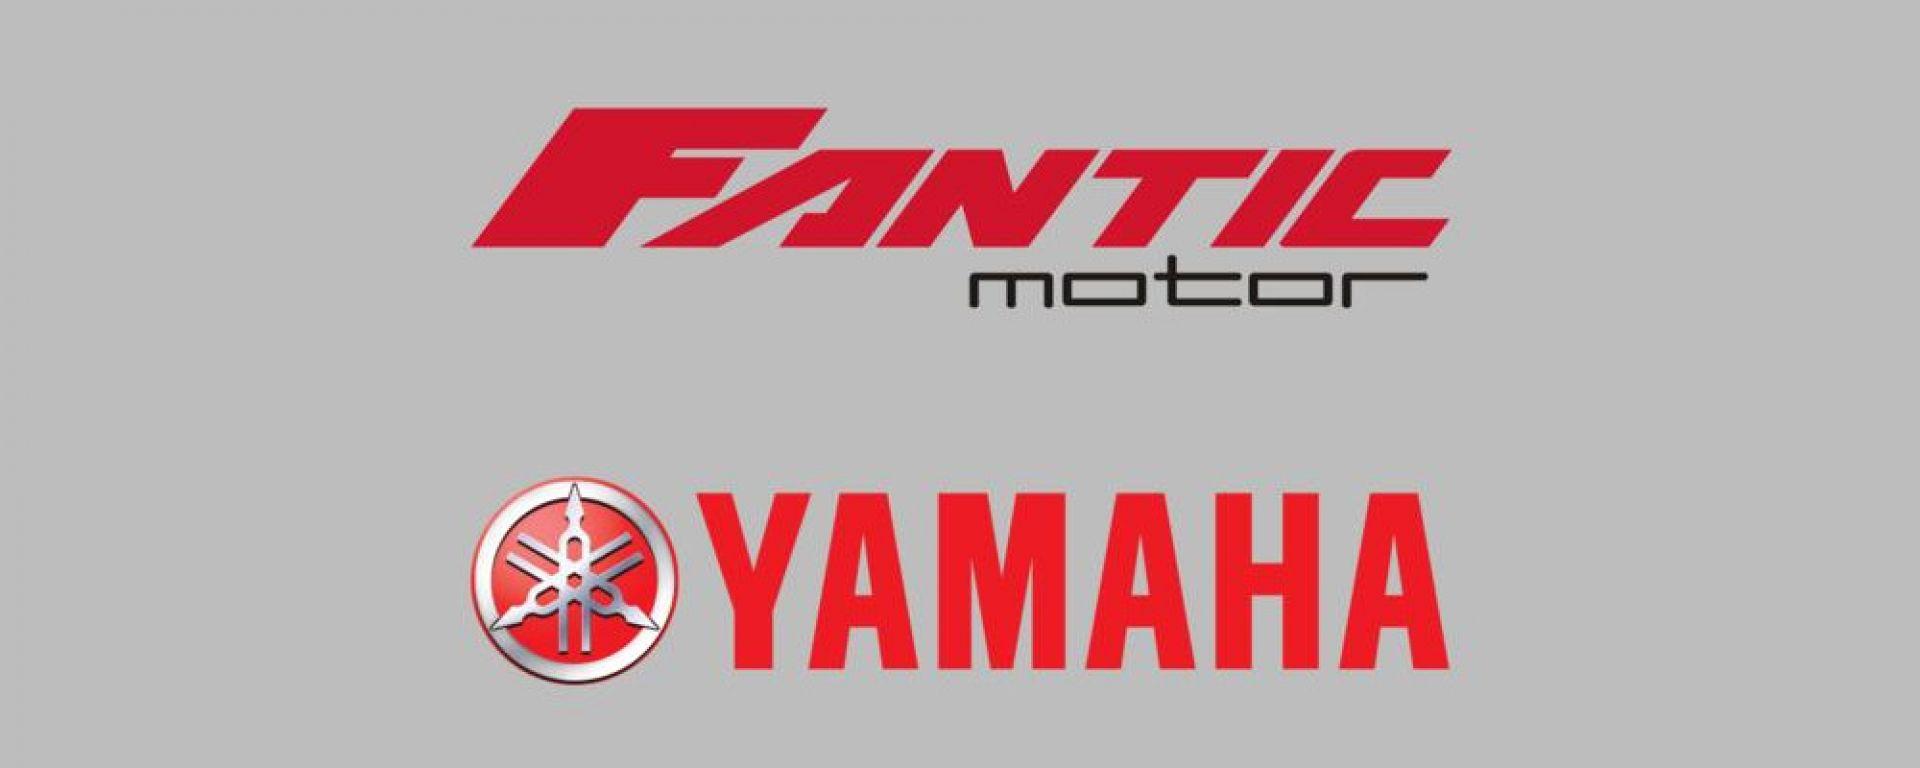 Fantic Motor, accordo con Yamaha: acquisito il 100% di Minarelli